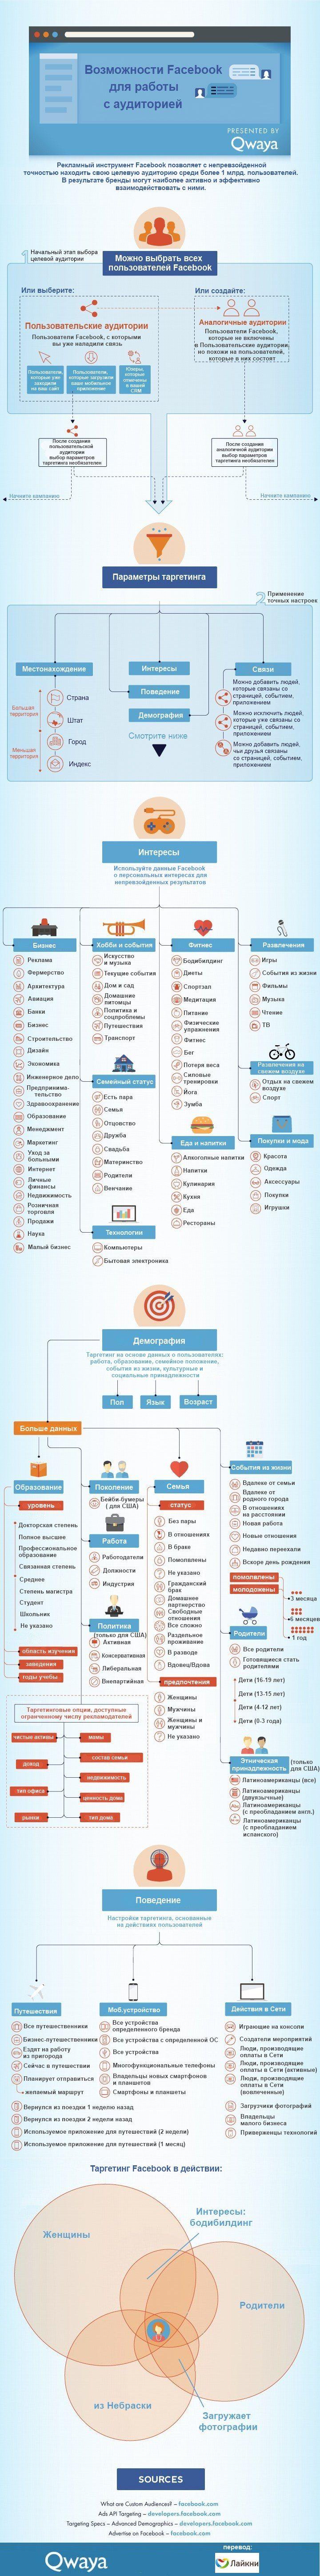 Многие SMM-специалисты знают, что Facebook предлагает достаточно широкий выбор таргетинговых опций для рекламных объявлений. Но немногие знают, насколько он в действительности широк. Специалисты компании Qwaya подготовили инфографику с подробным описанием настроек таргетинга, которые есть в Facebook сегодня.